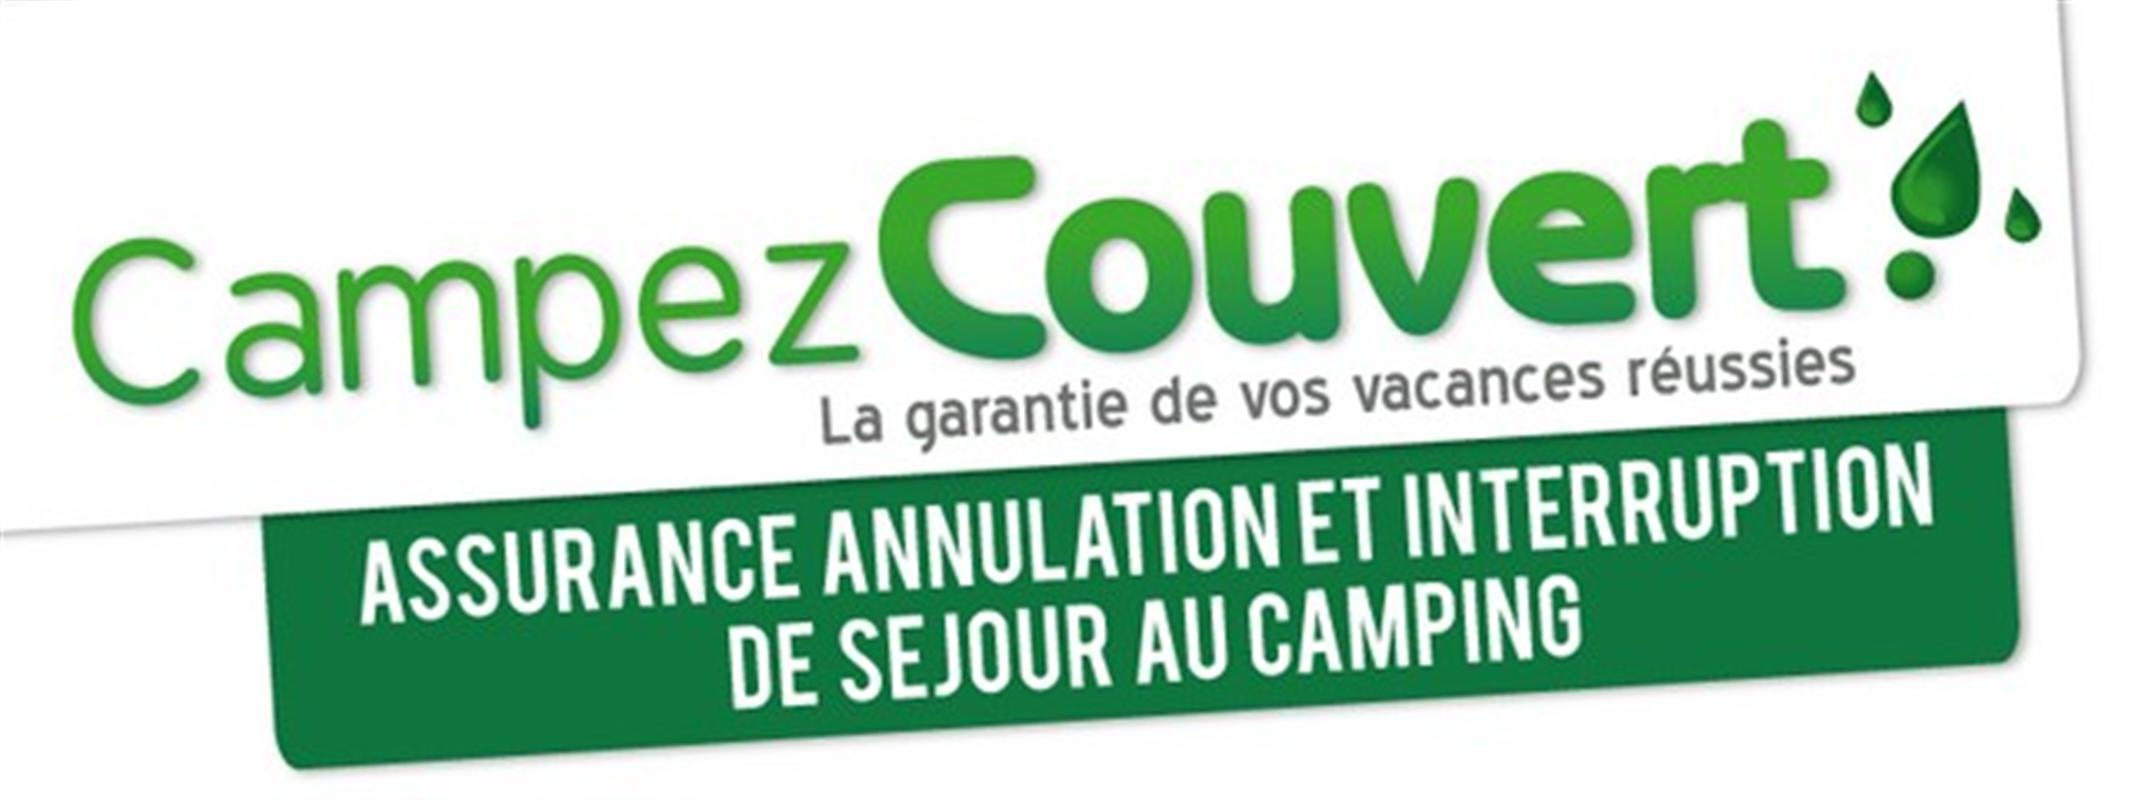 Verzekering Campez-couvert